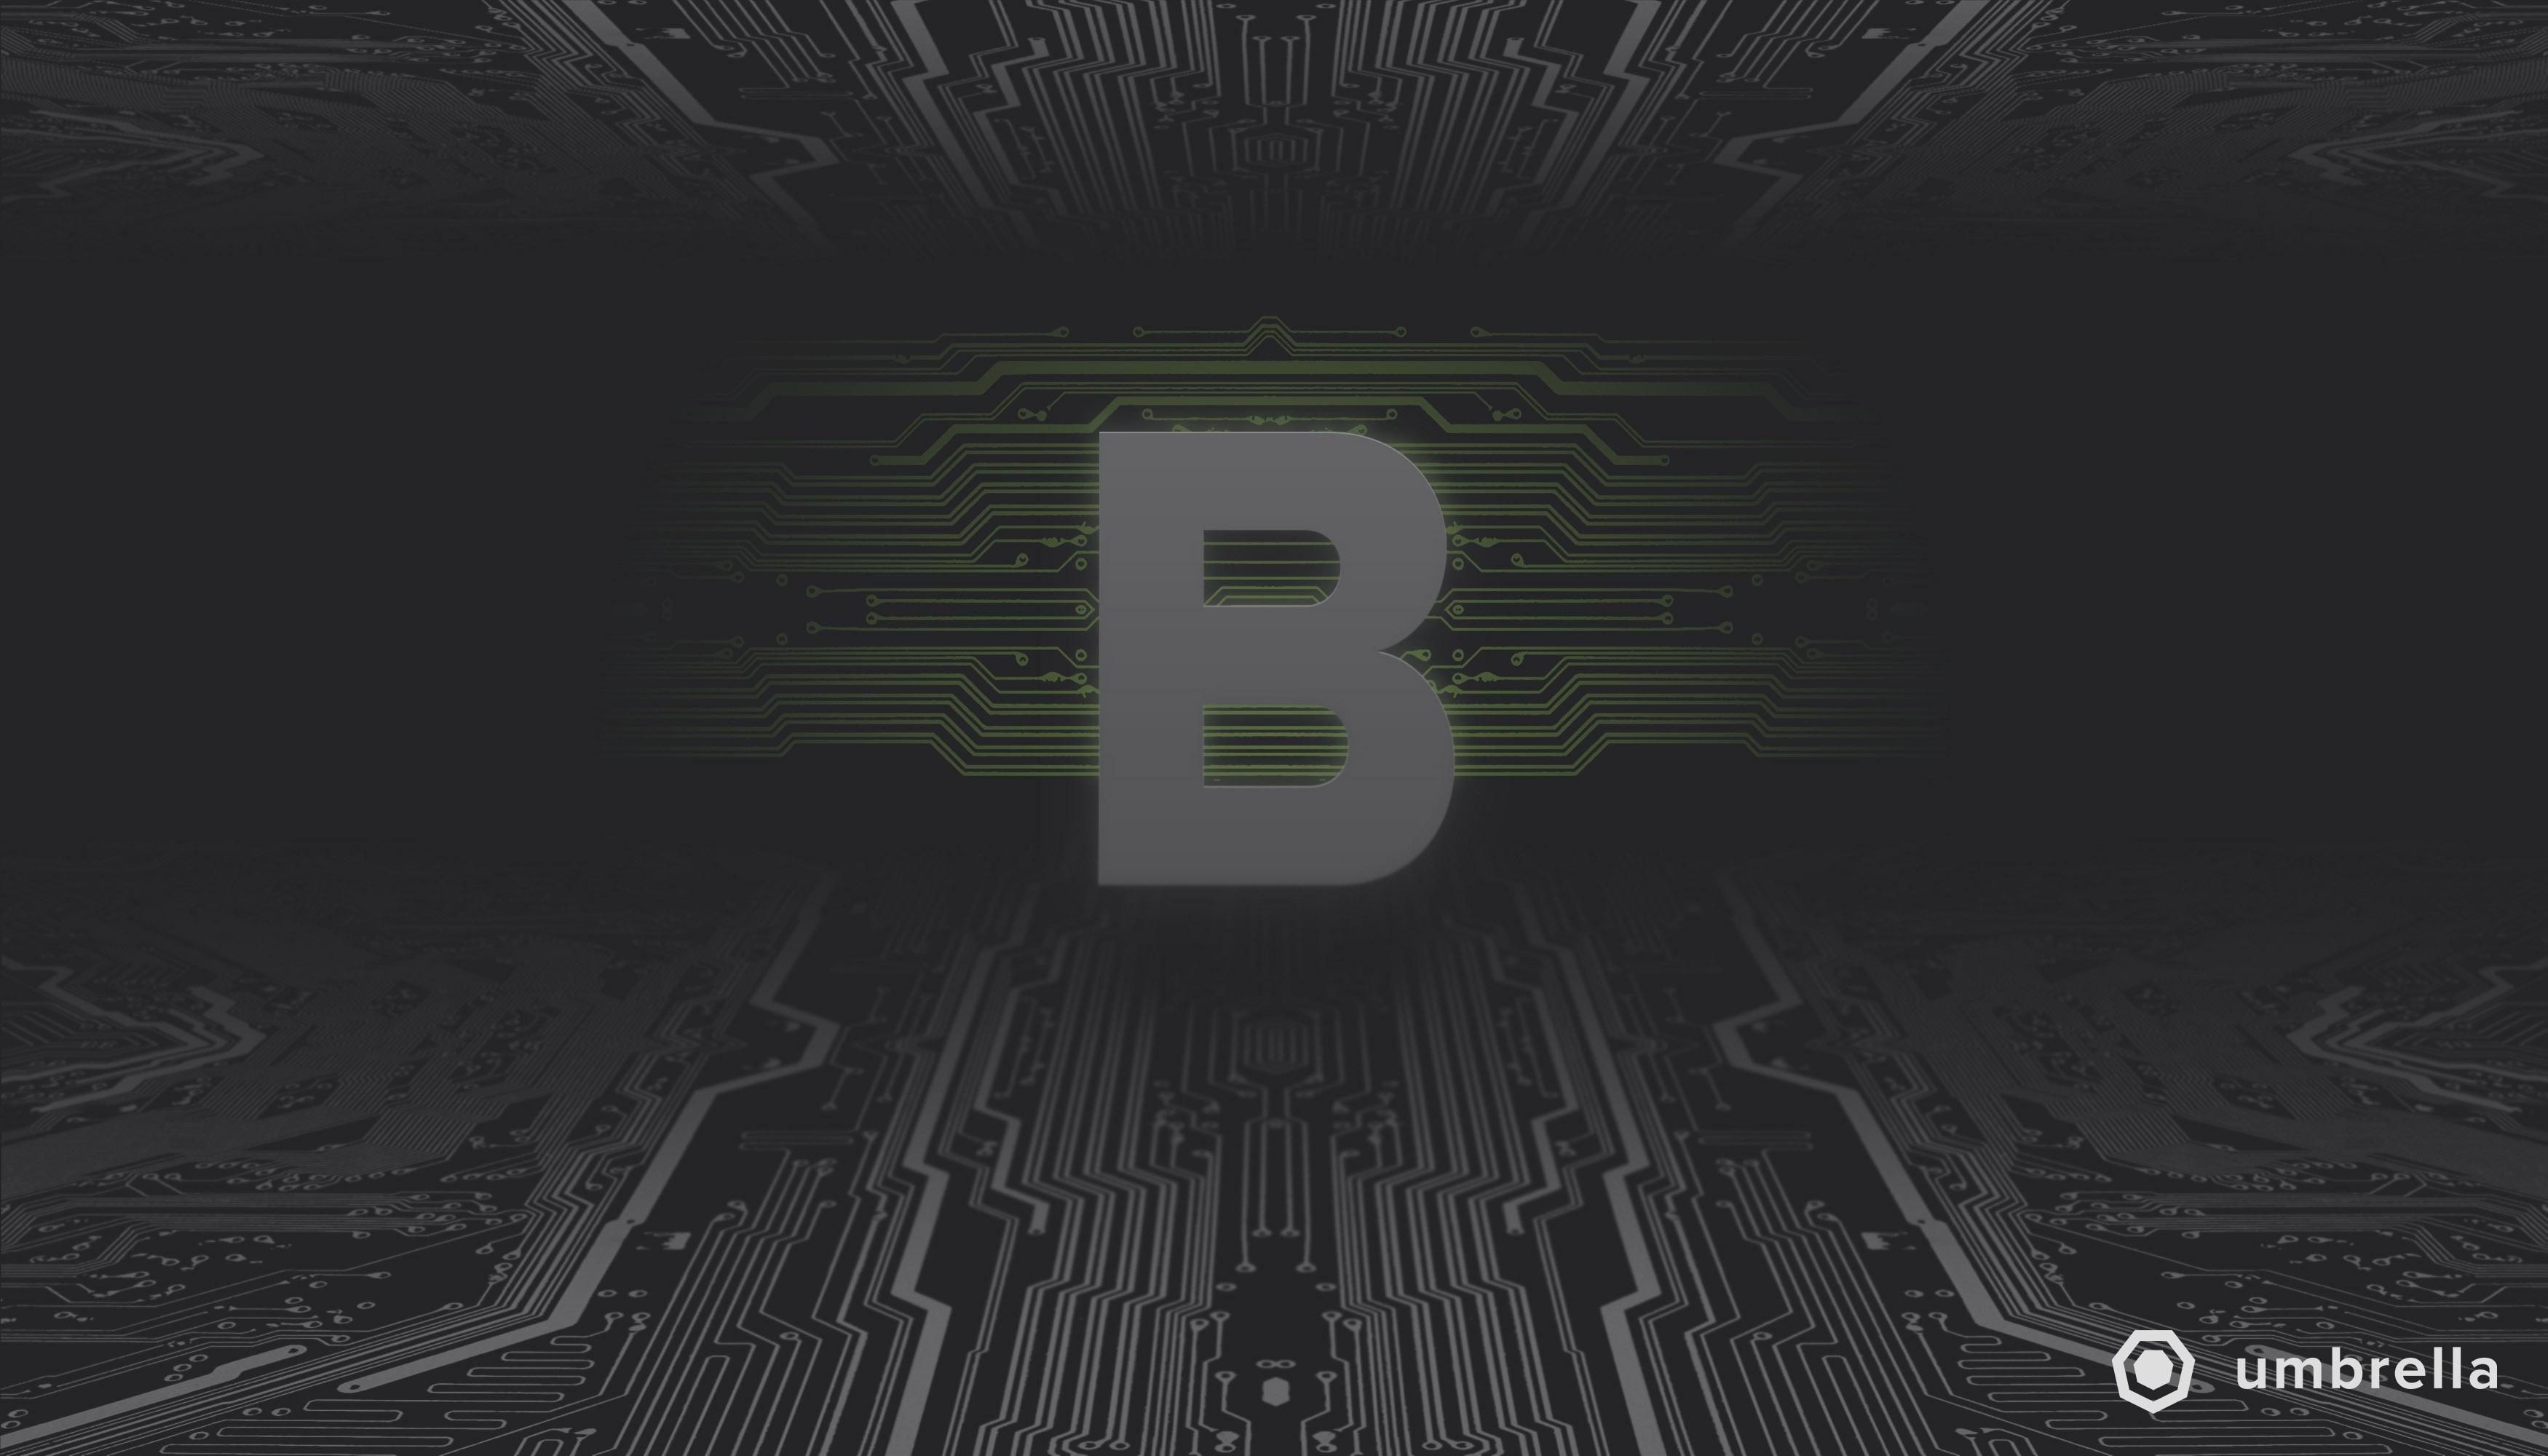 Криптовалюта не предел: перспективные направления разработки блокчейн-проектов